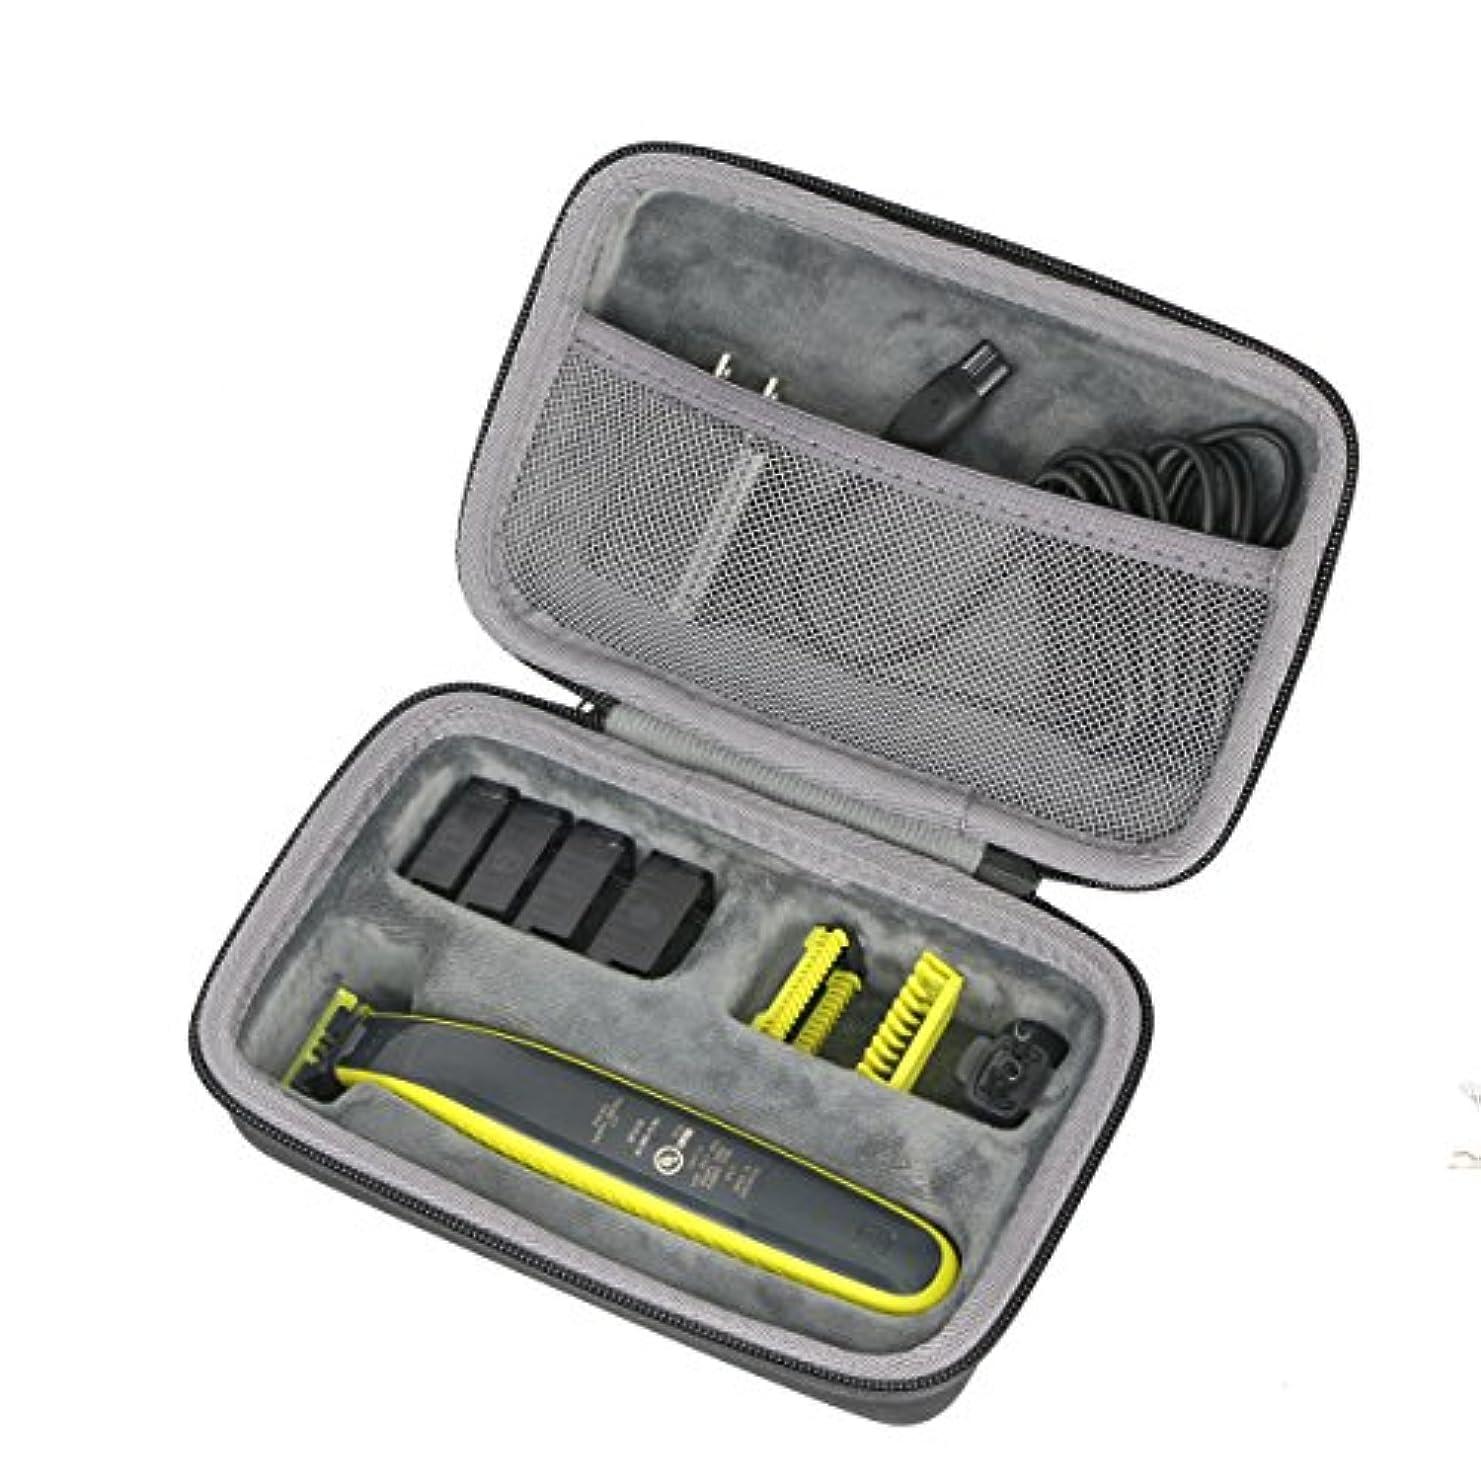 何故なのボーカル爪Philips Norelco OneBlade Hybrid Rechargeable Trimmer QP2630/70ノ専用旅行収納 デザインノco2CREA バッグ